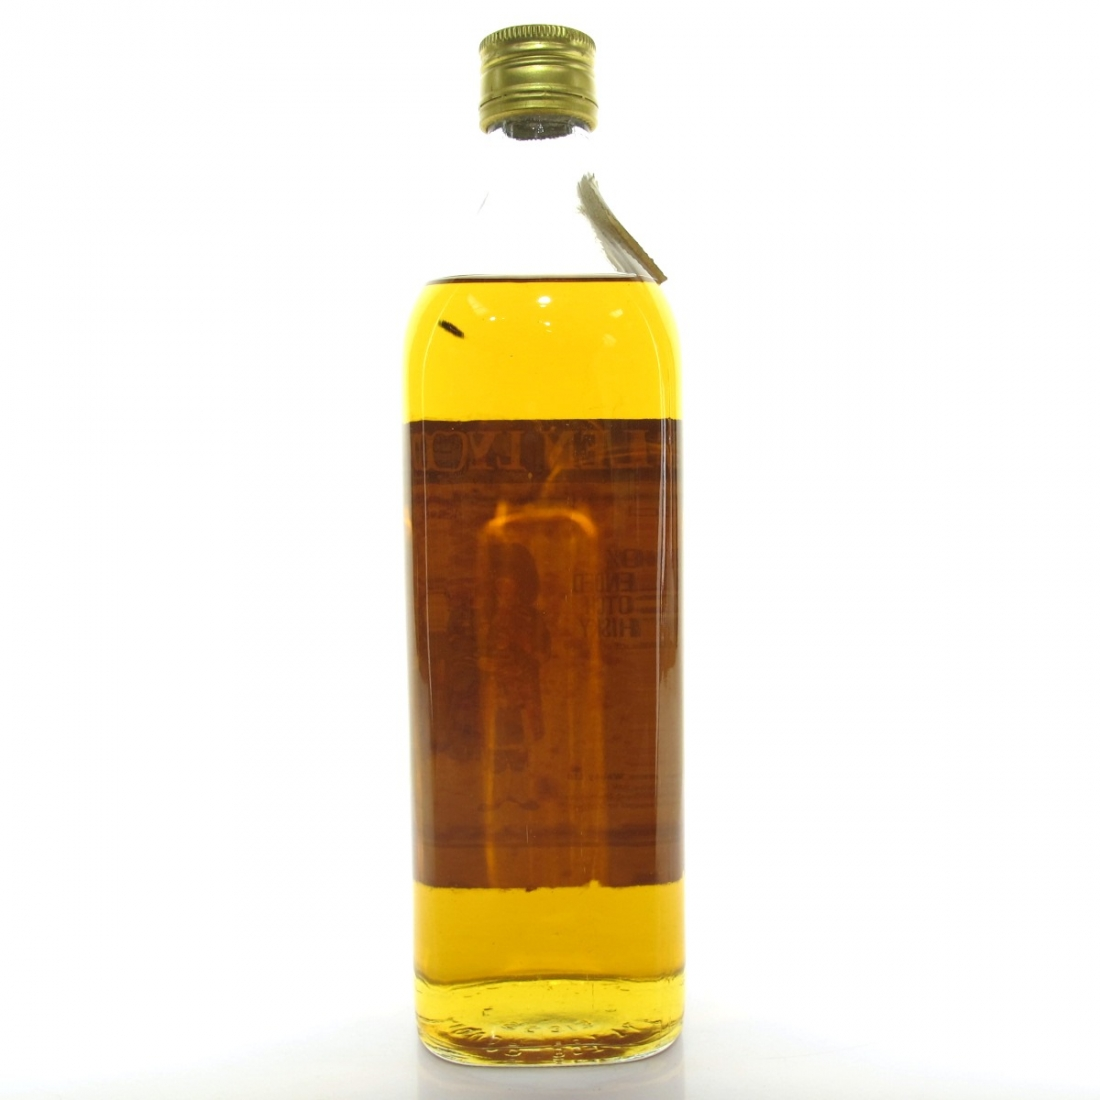 Glen Lyon Scotch Whisky 1980s